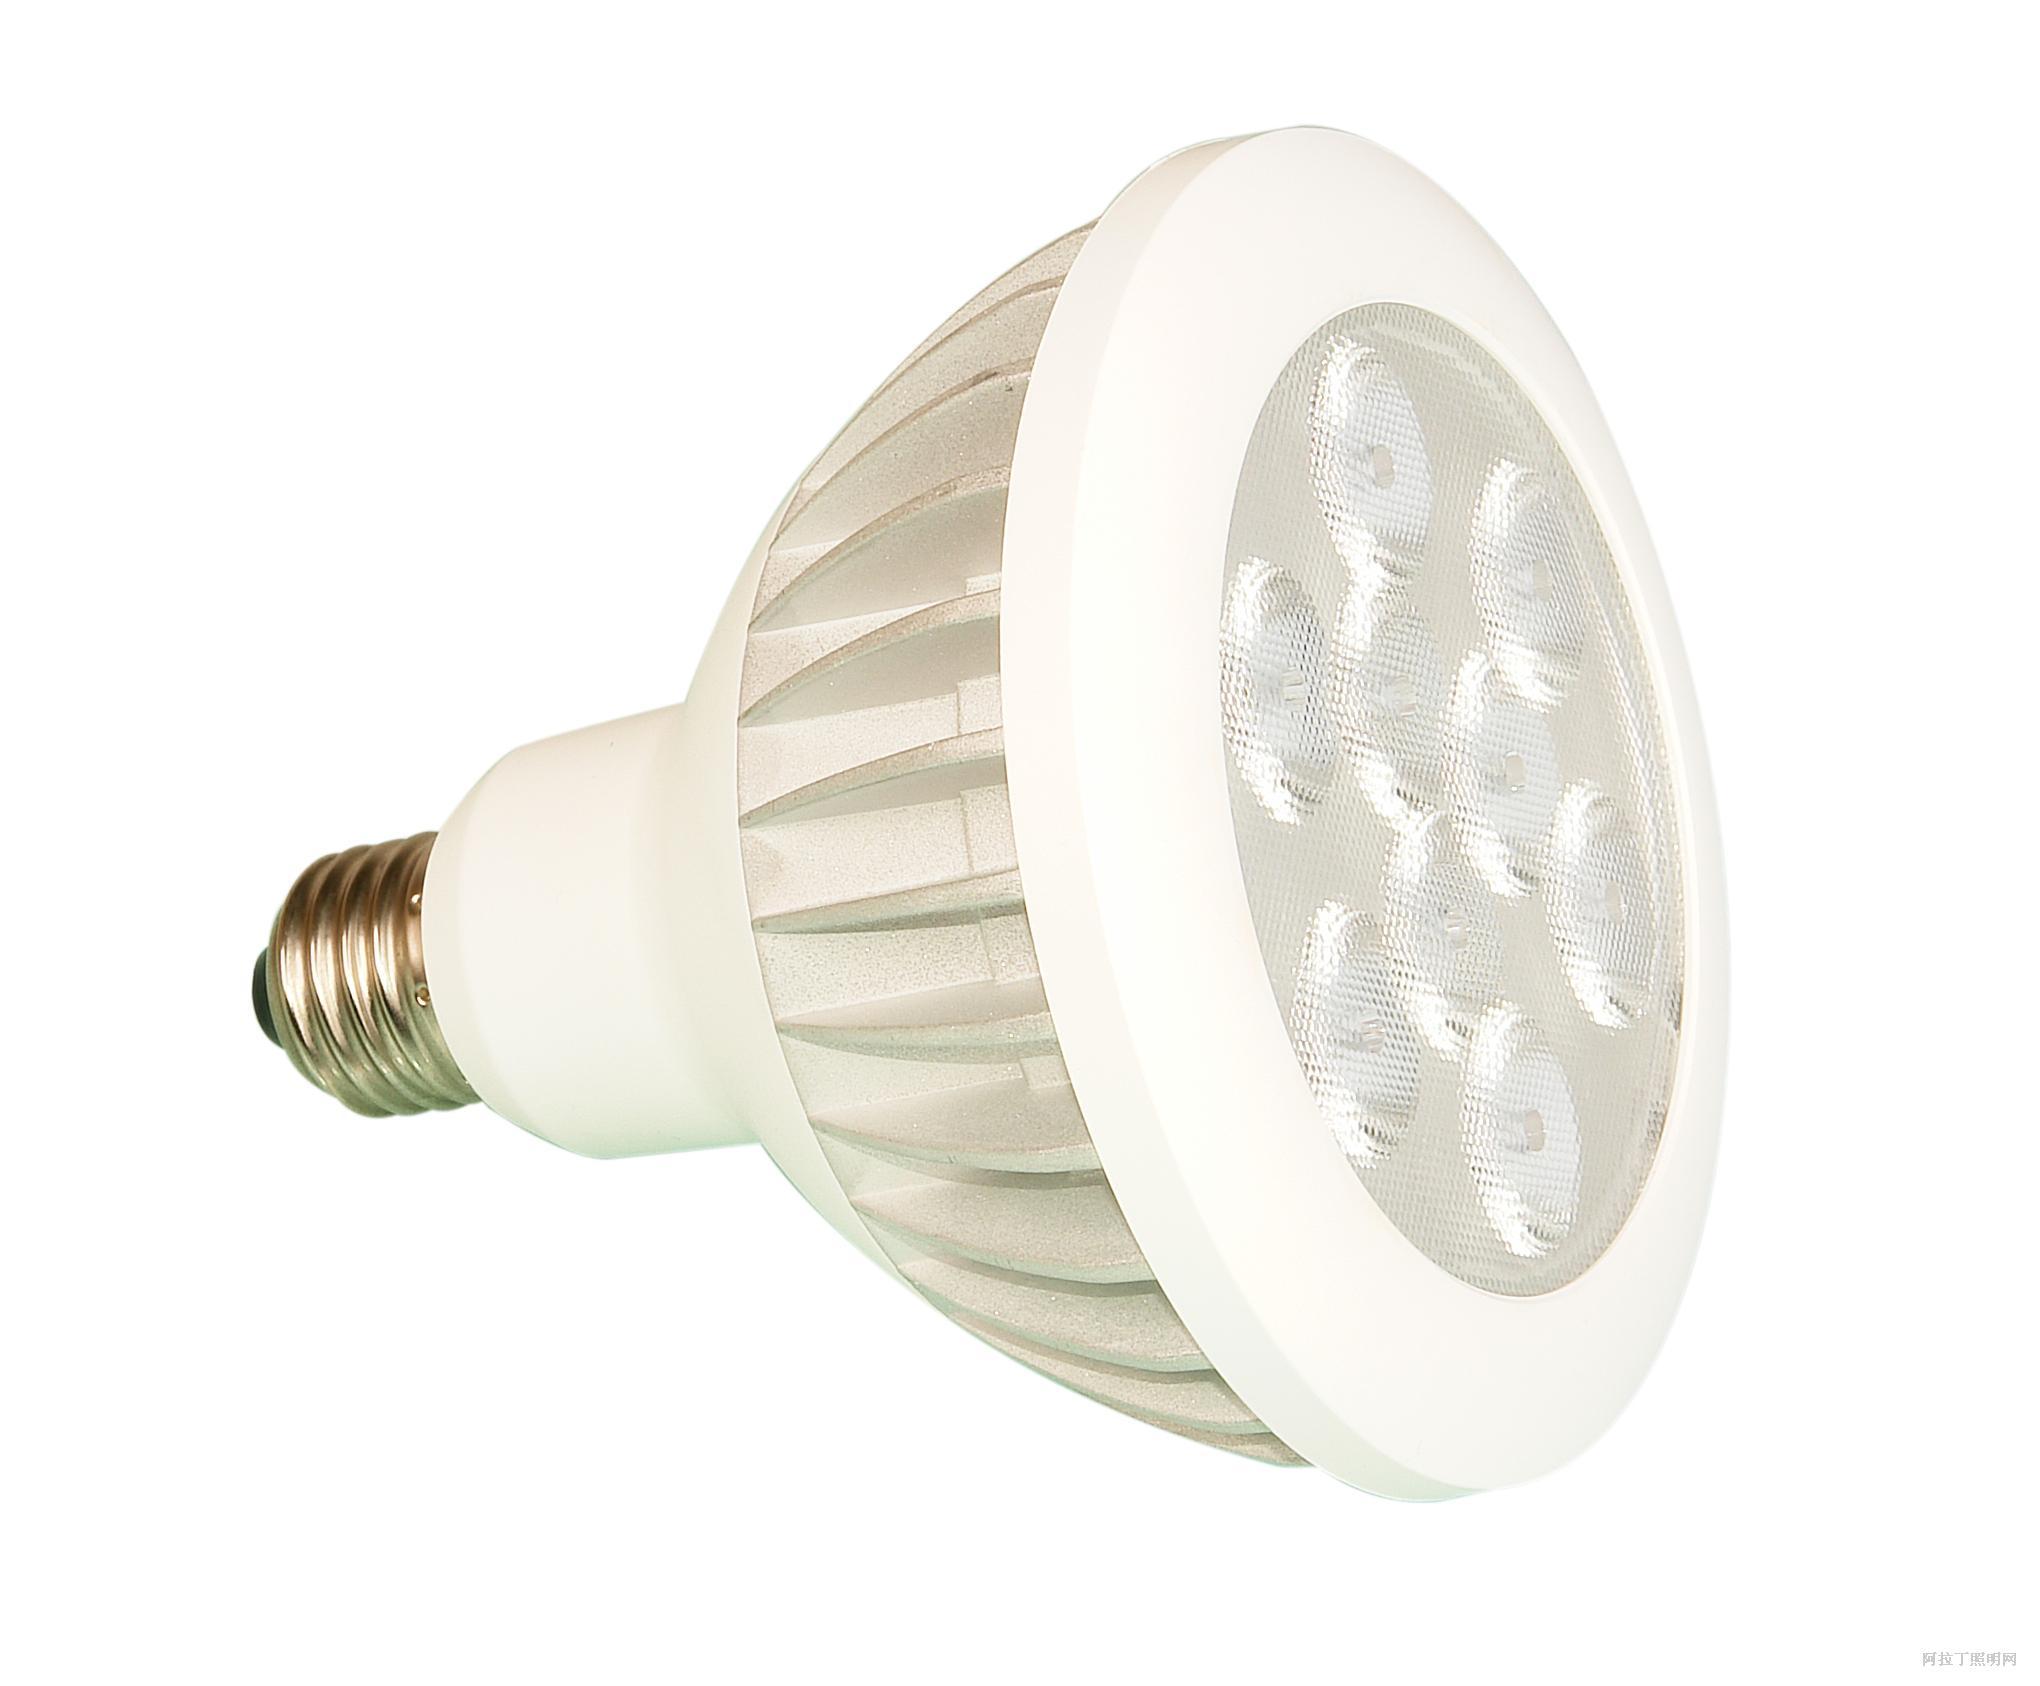 led par灯 led灯具特性及其标准解析